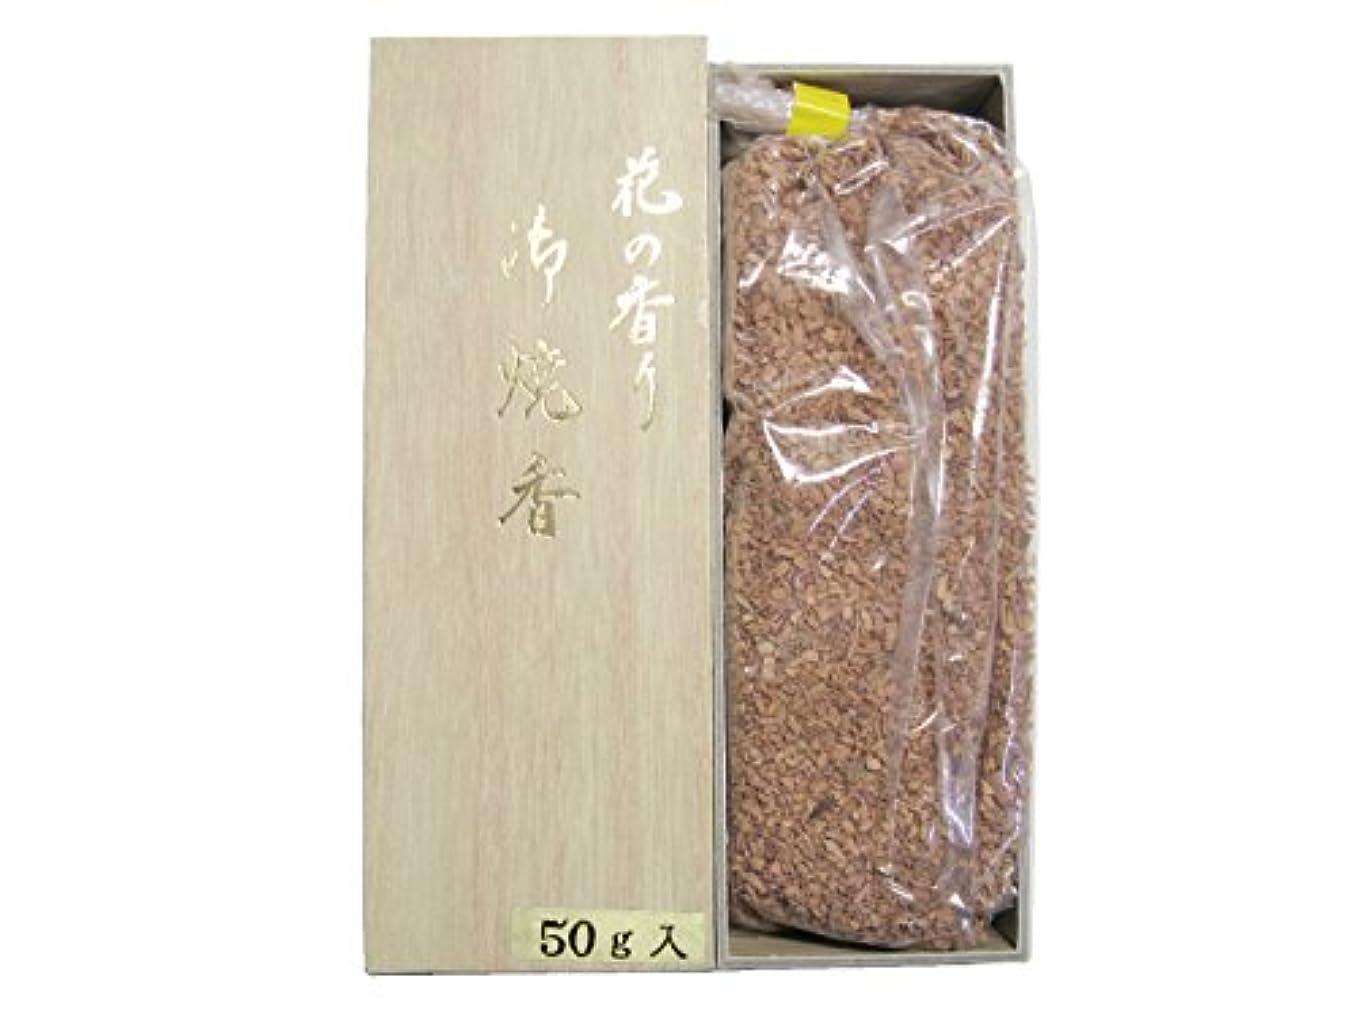 バタフライ最後の剃る淡路梅薫堂のお焼香 花の香り50g #948 お焼香用 お香